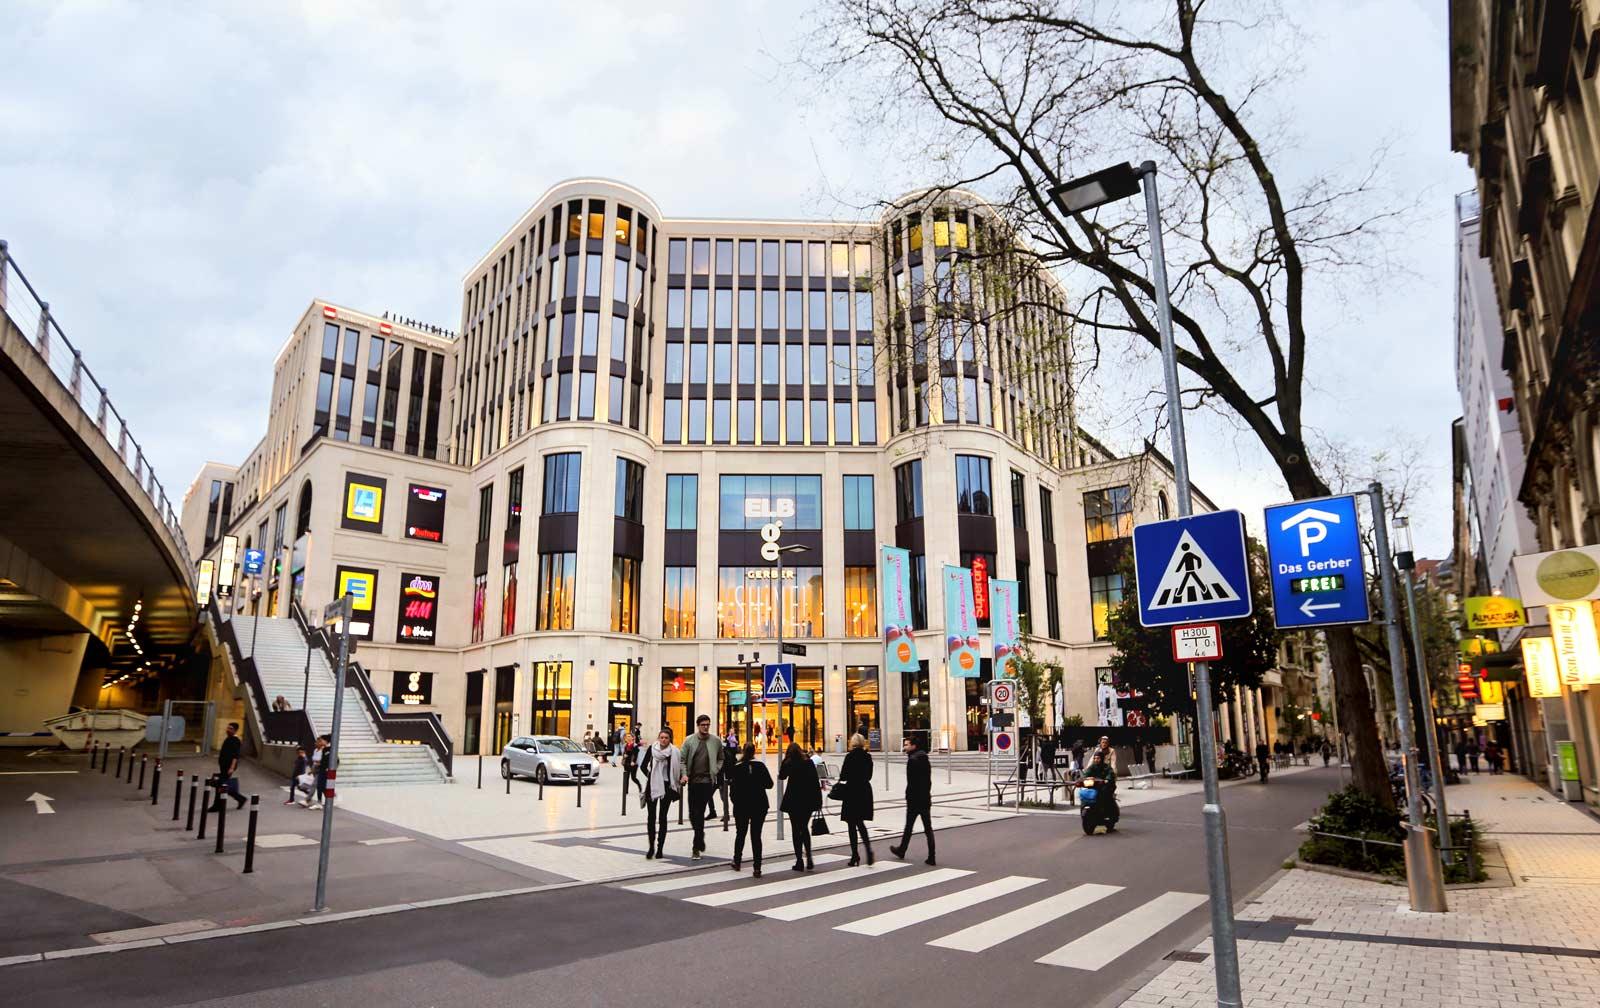 Stuttgart Gerber Business Center